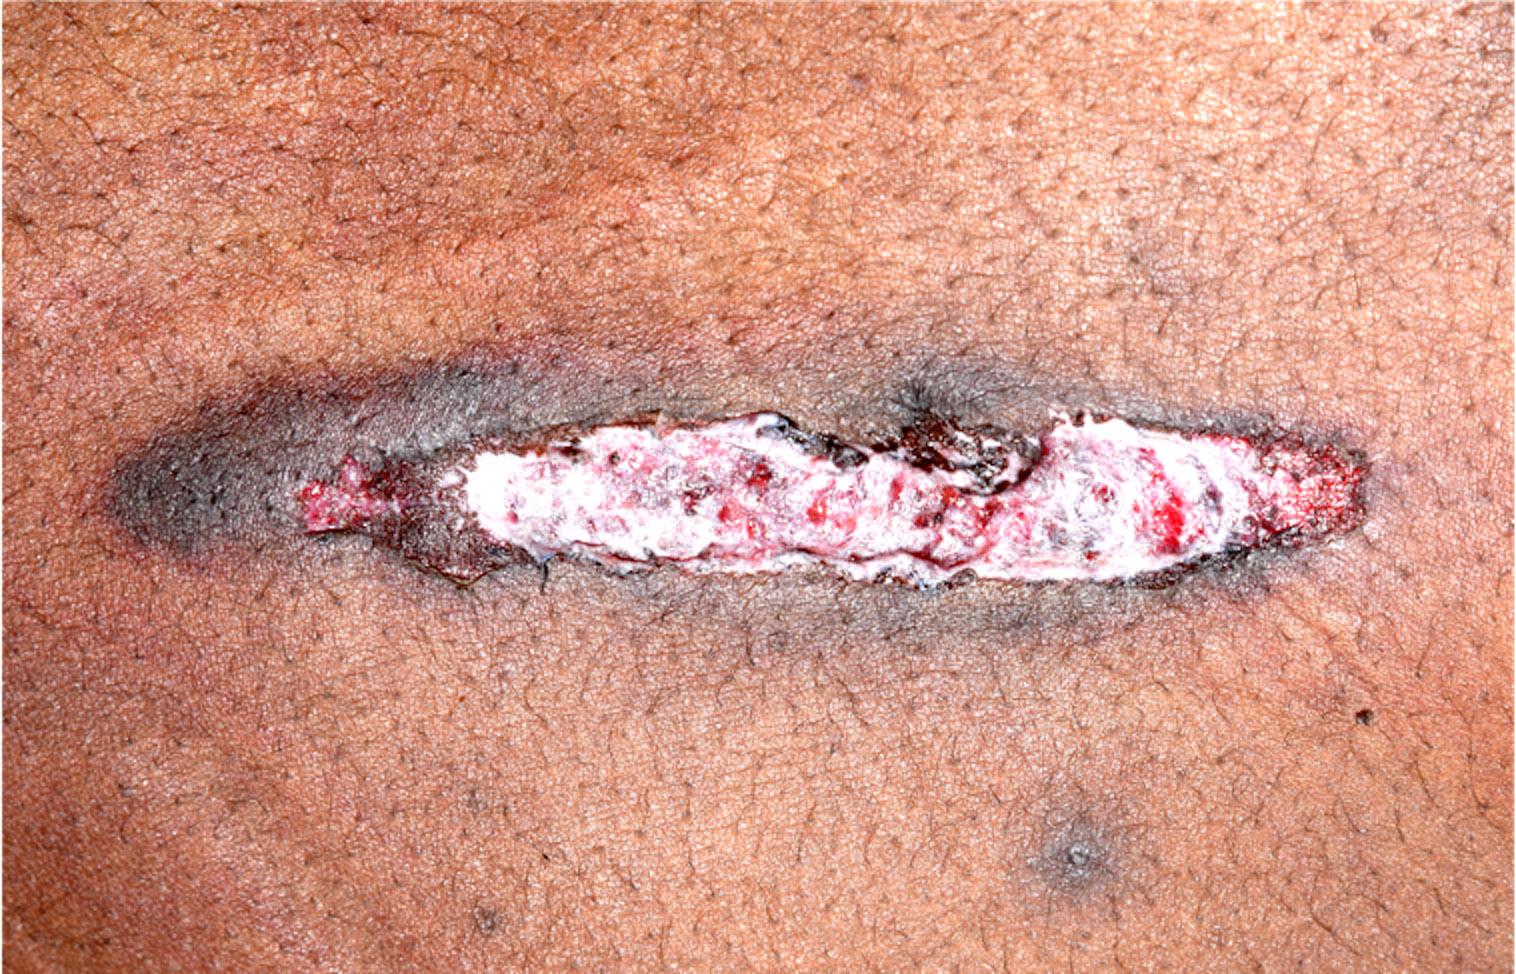 Graze wound